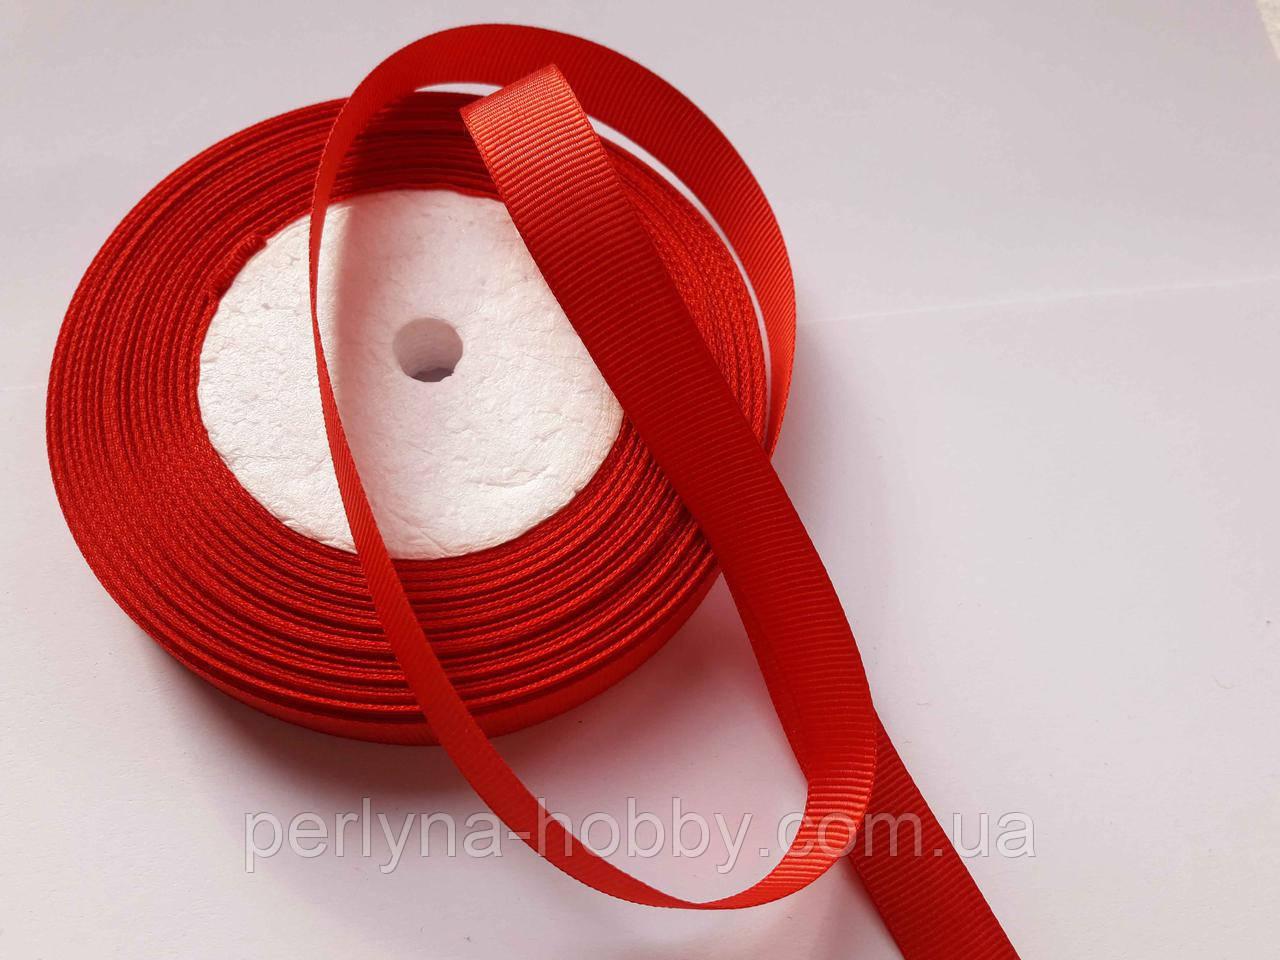 Тесьма лента репсовая Стрічка репсова 13 мм червона, на метраж, ціна за 1 метр